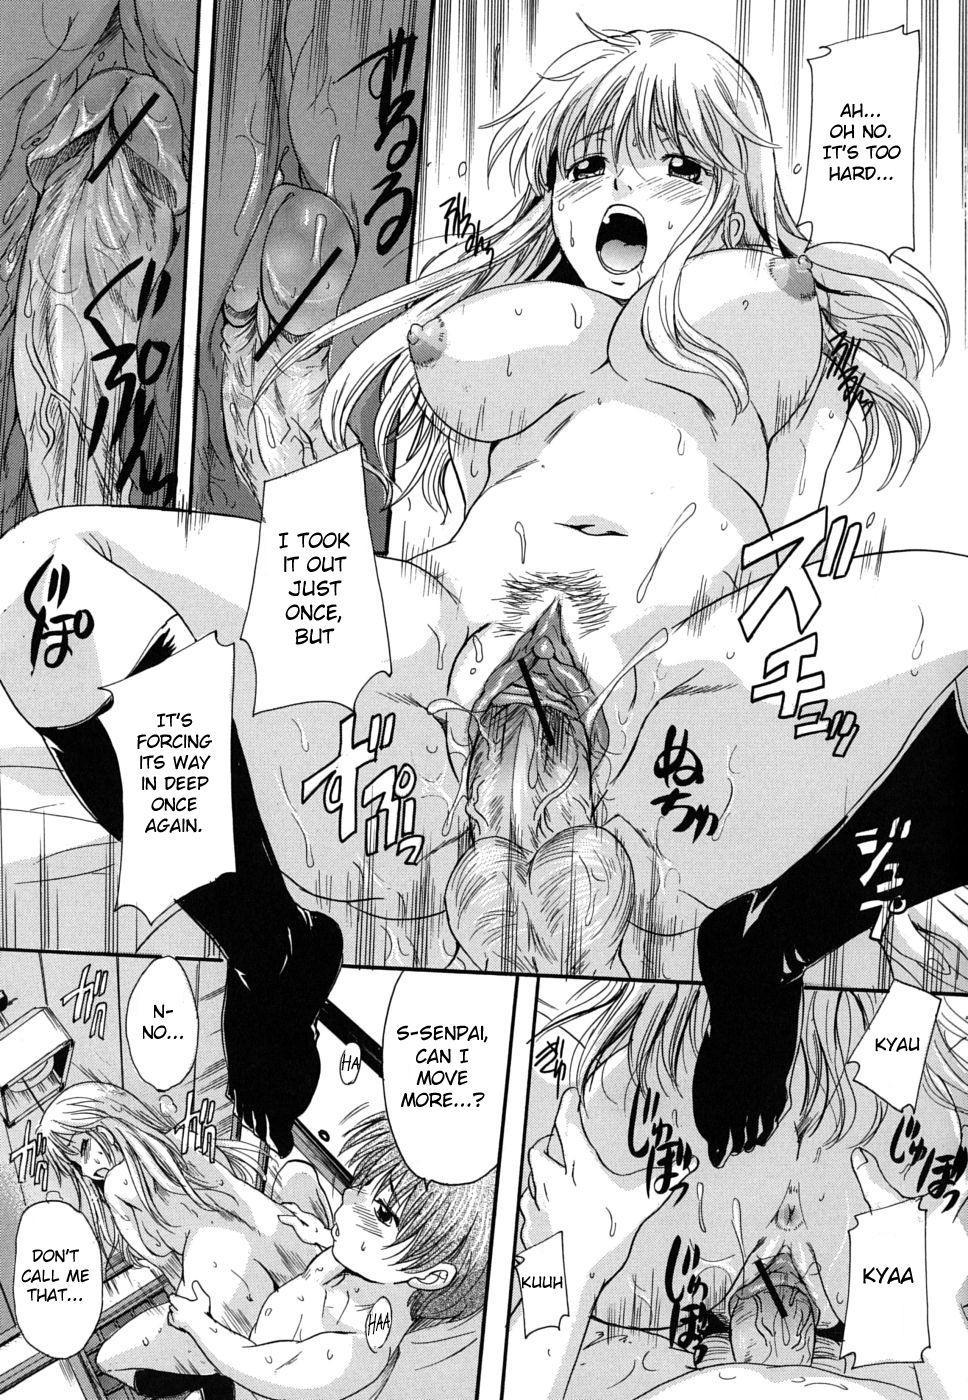 [Nakayama Tetsugaku] Mitsuami Slave - Slaves With Braid Her's Hair (Braid Slave) Ch. 5-6, 8 [English] [CrowKarasu] 22